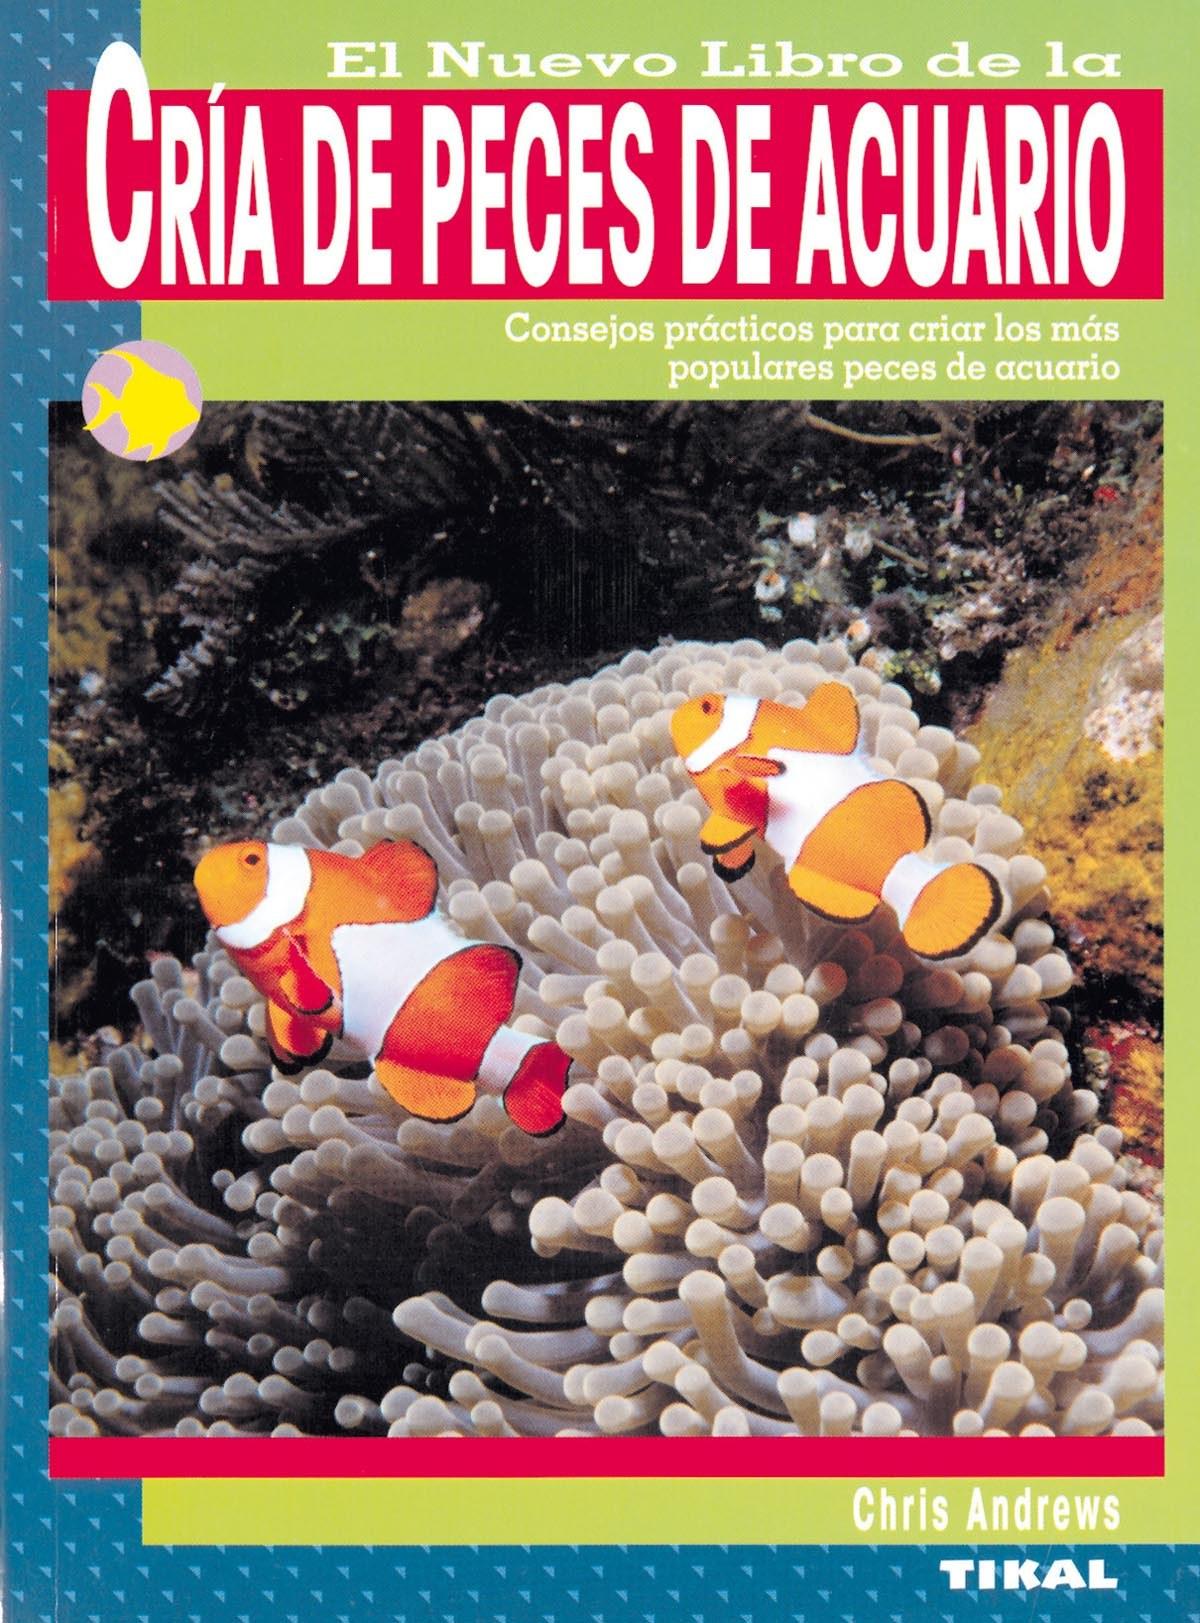 El nuevo libro de la cr¡a de peces de acuario 9788430553976